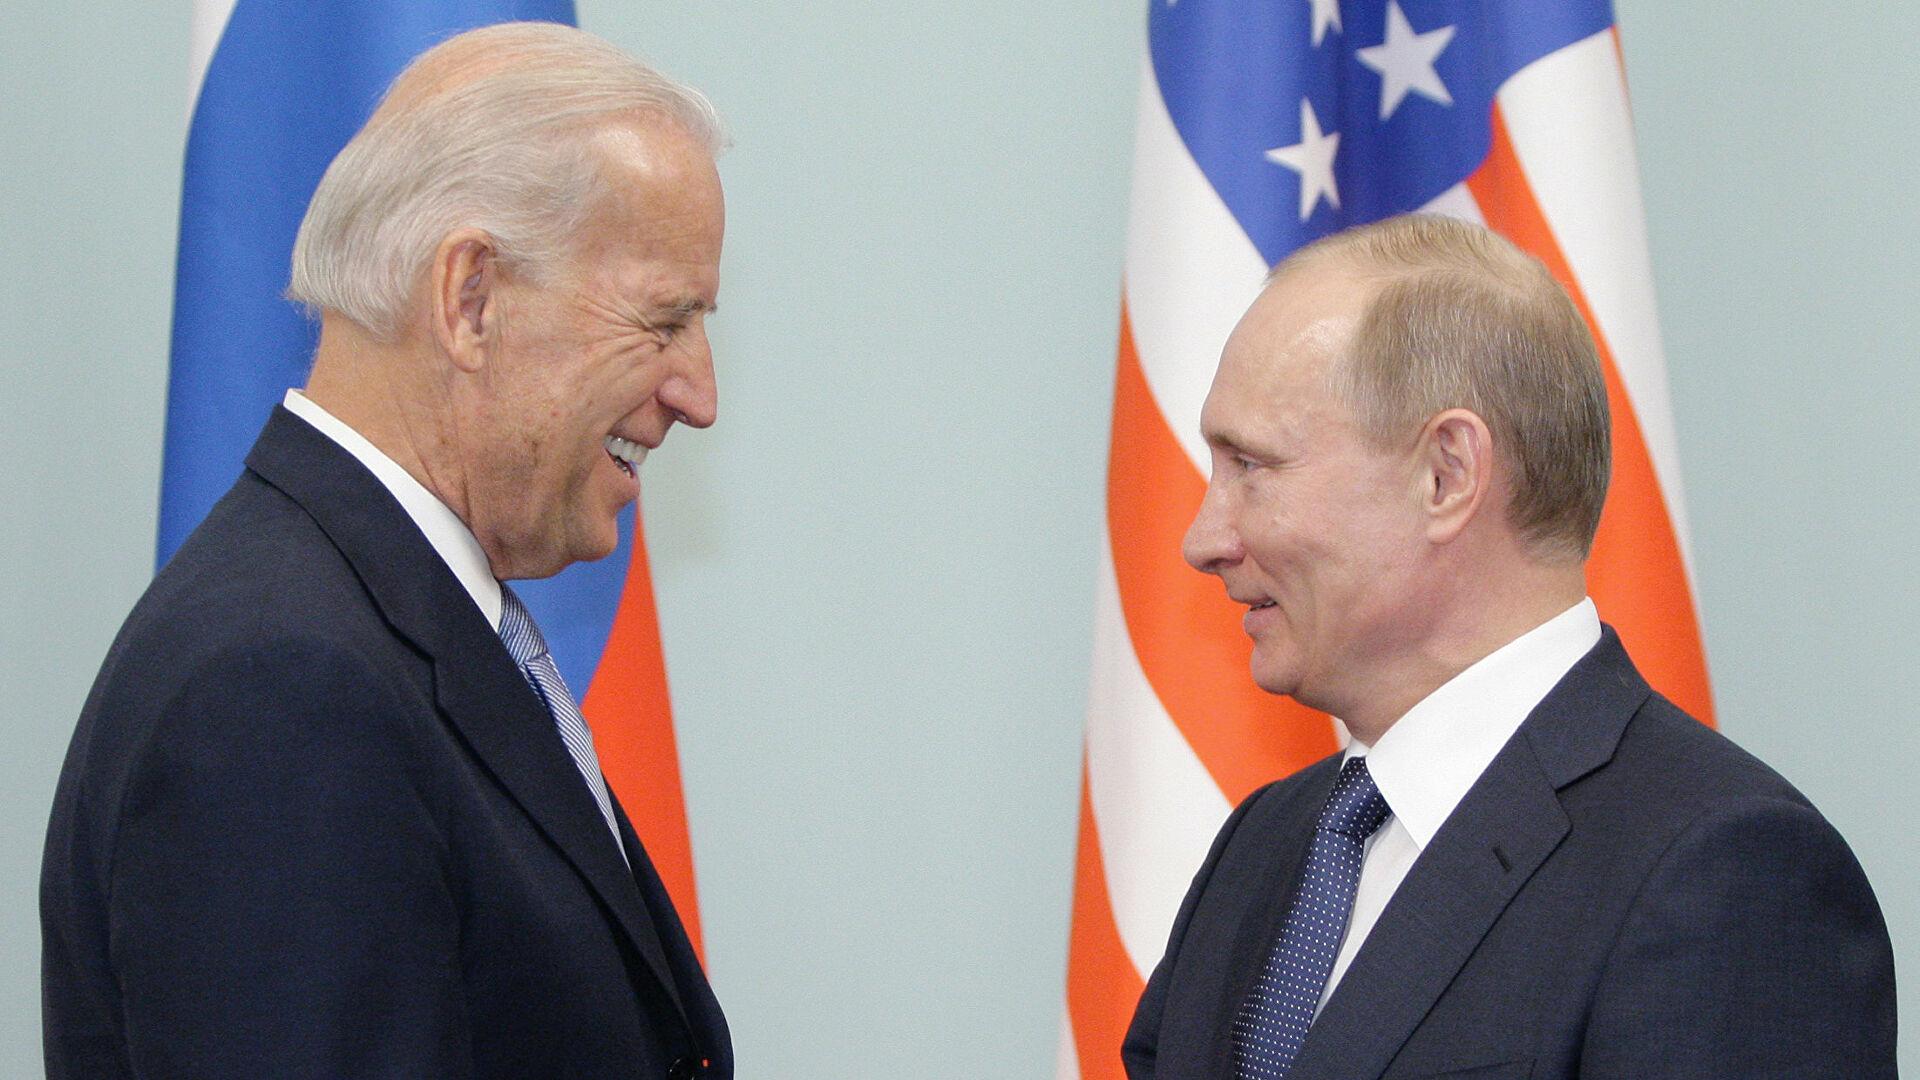 Встреча Байдена и Путина: появилось расписание переговоров в Женеве